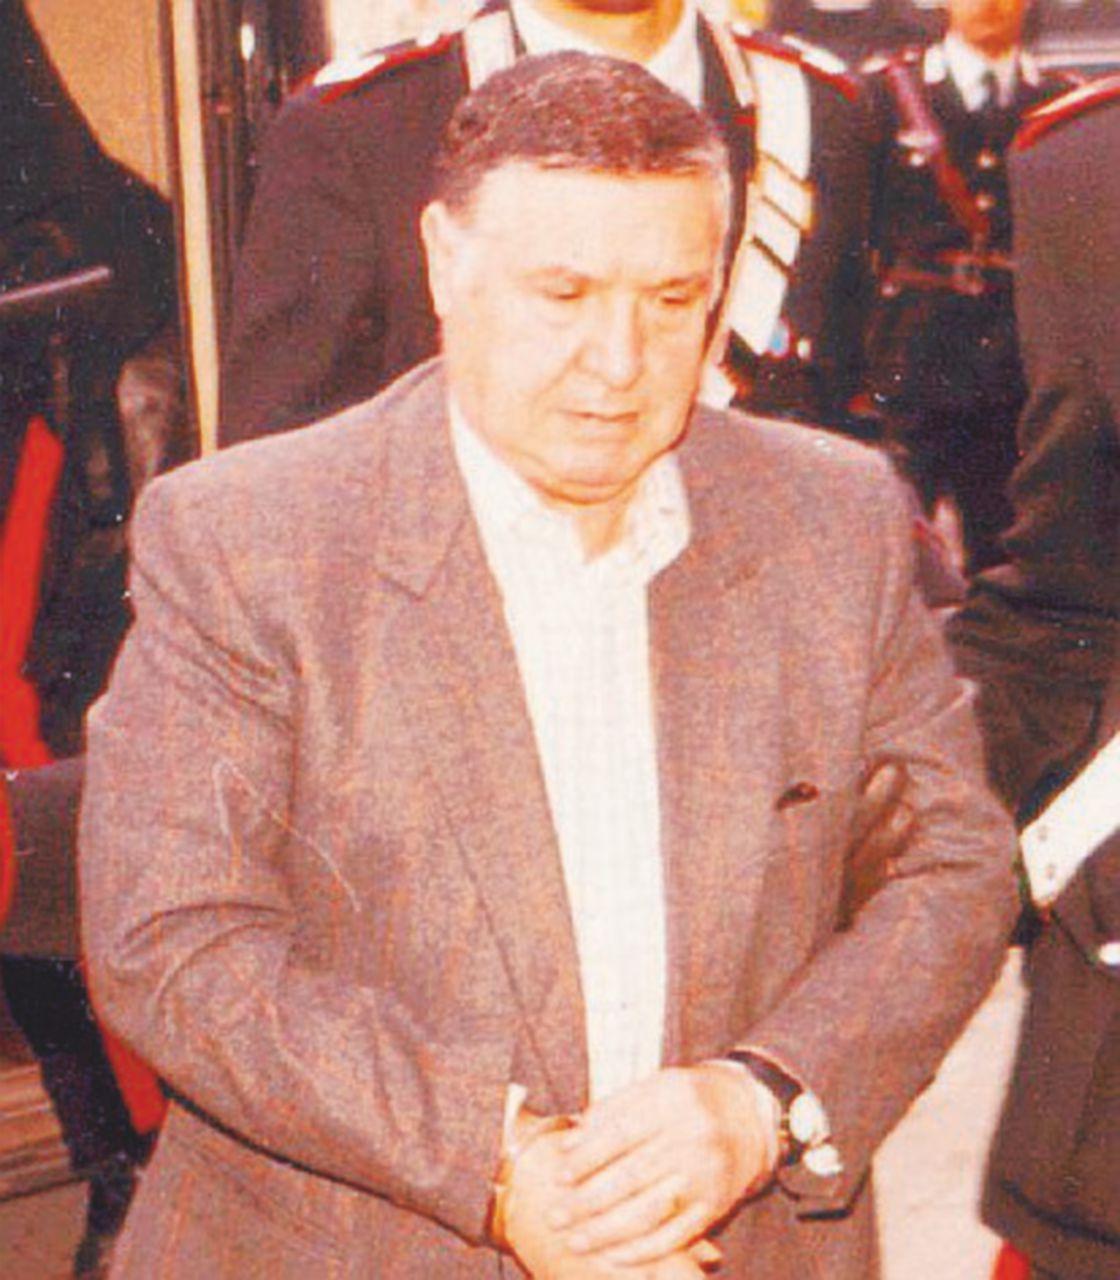 """Mafia, le parole del pentito """"Riina voleva l'alleanza con la 'ndrangheta"""""""